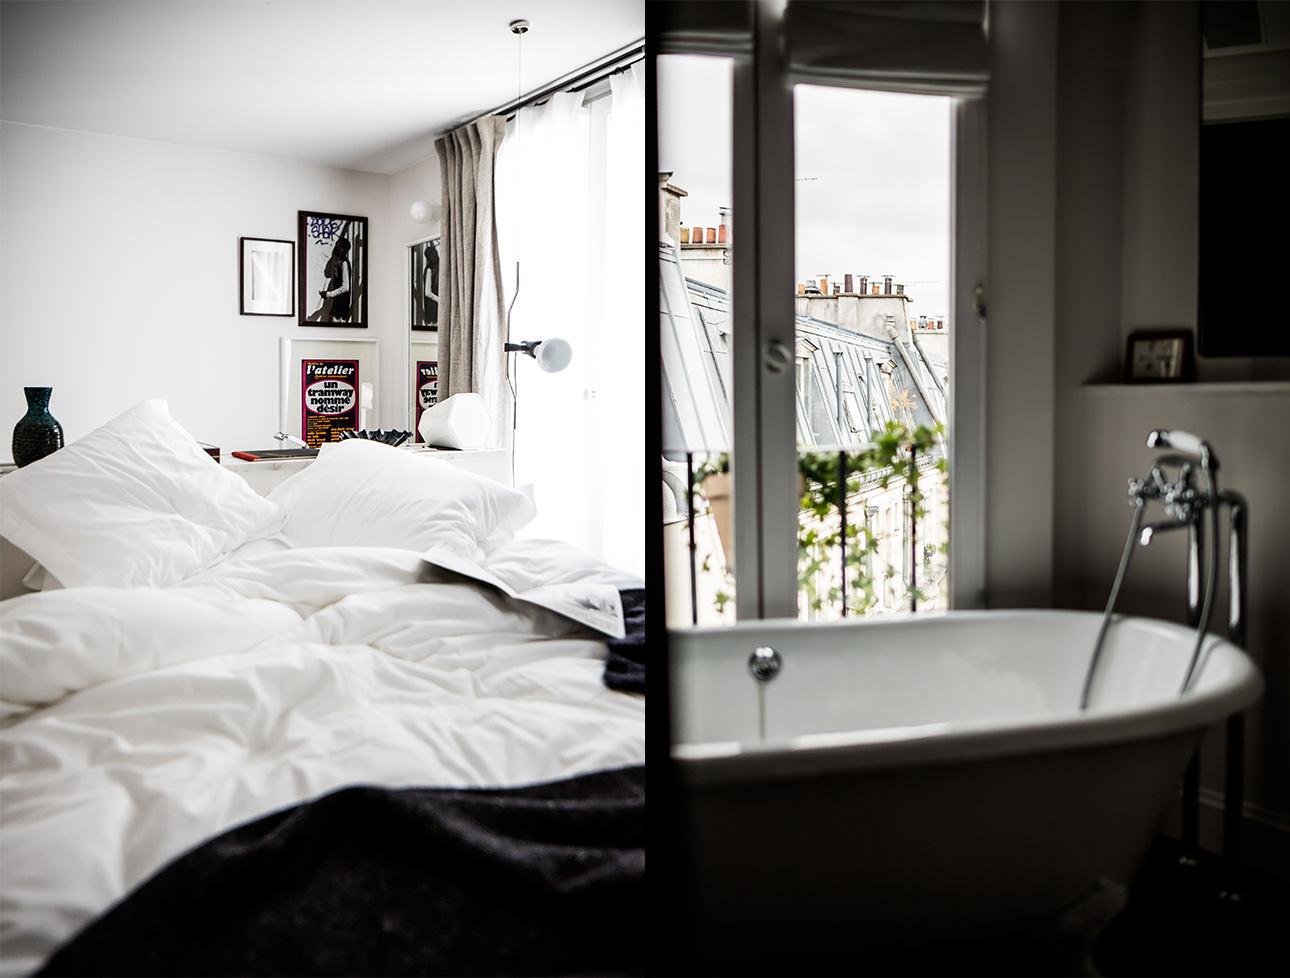 double-room-bathroom-hotel-le-pigalle-montmartre-paris